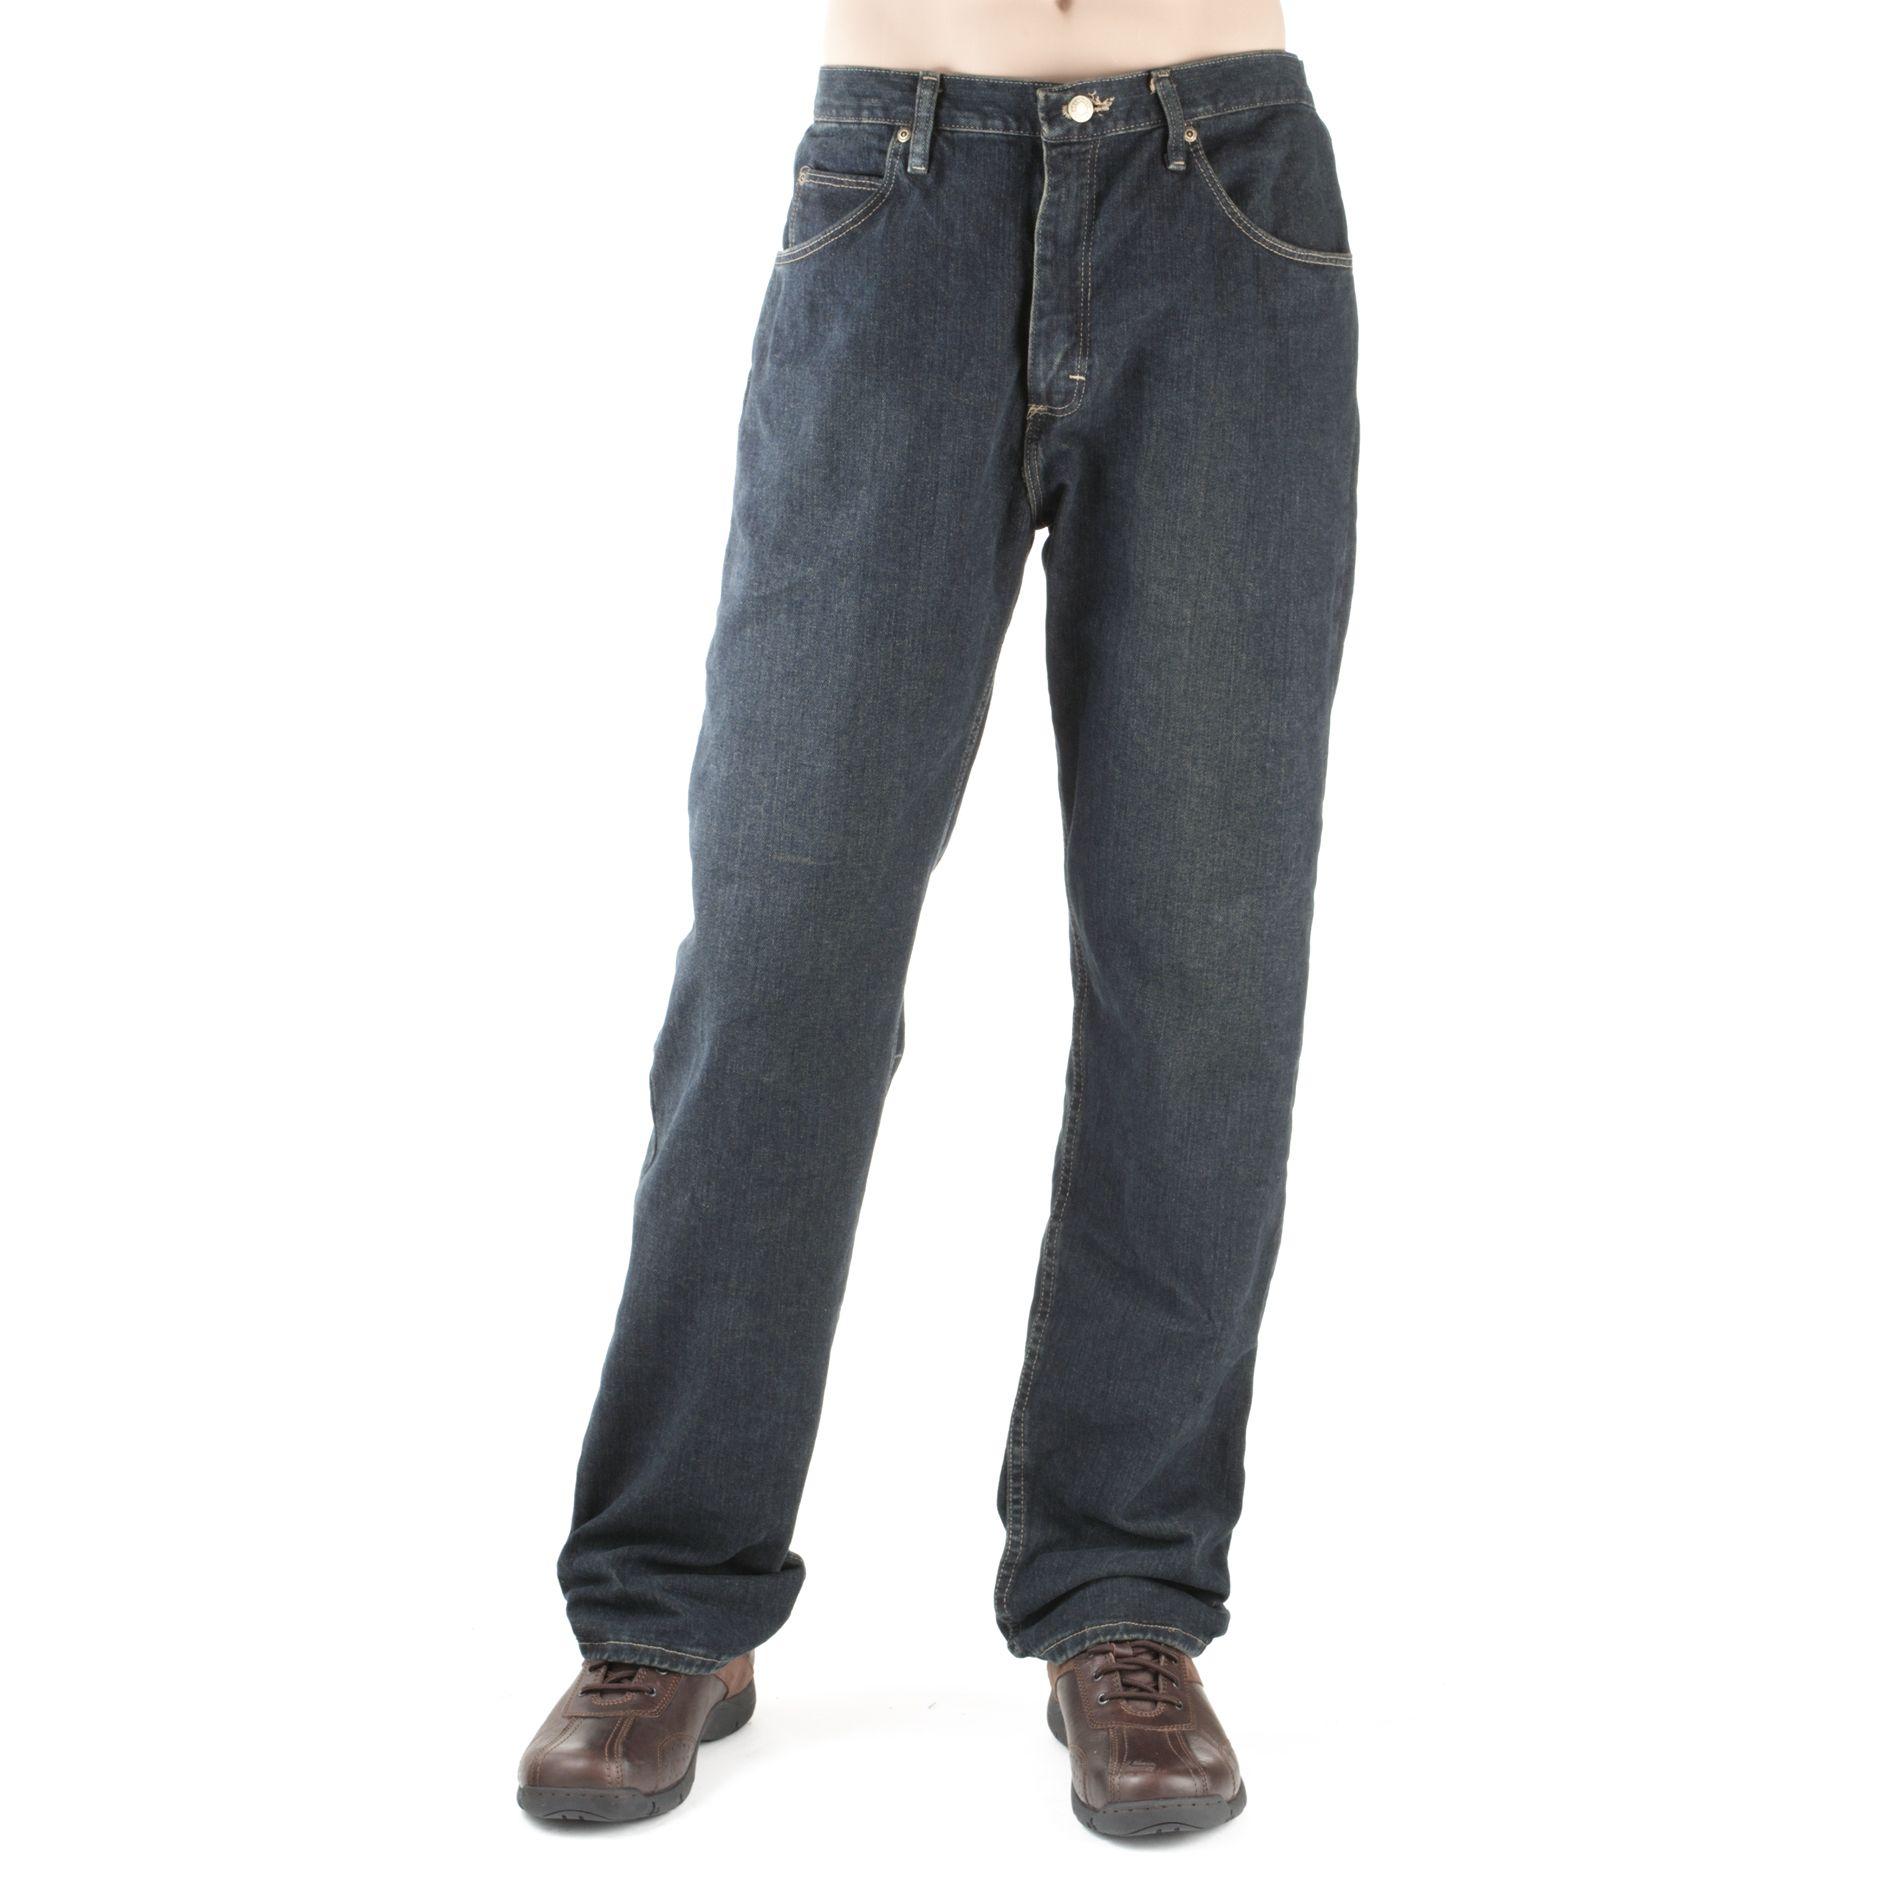 Wrangler Men's Relaxed Jeans, Size: 34, Midstone